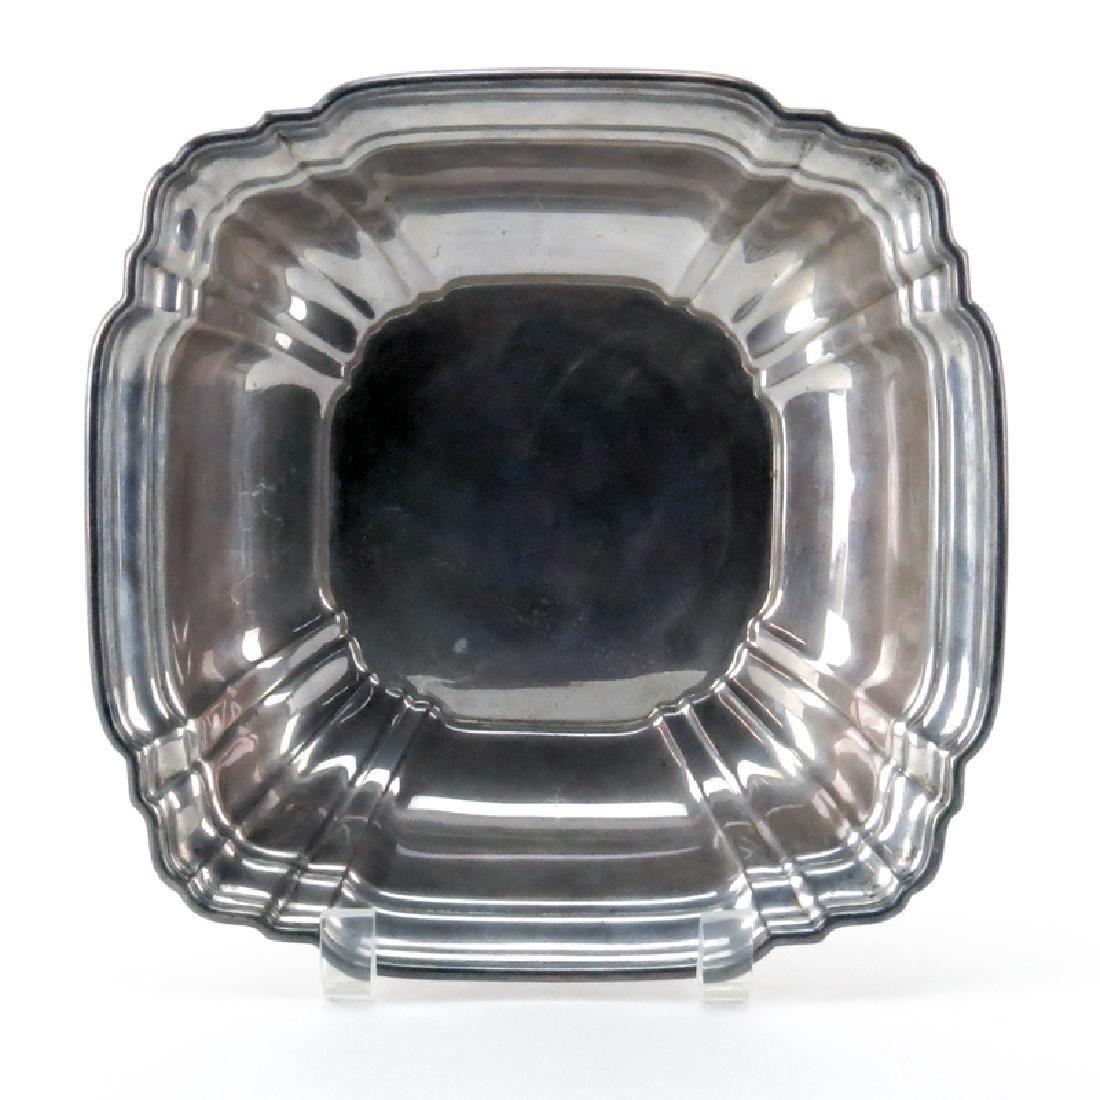 Vintage Gorham Sterling Silver Square Bowl. Signed.